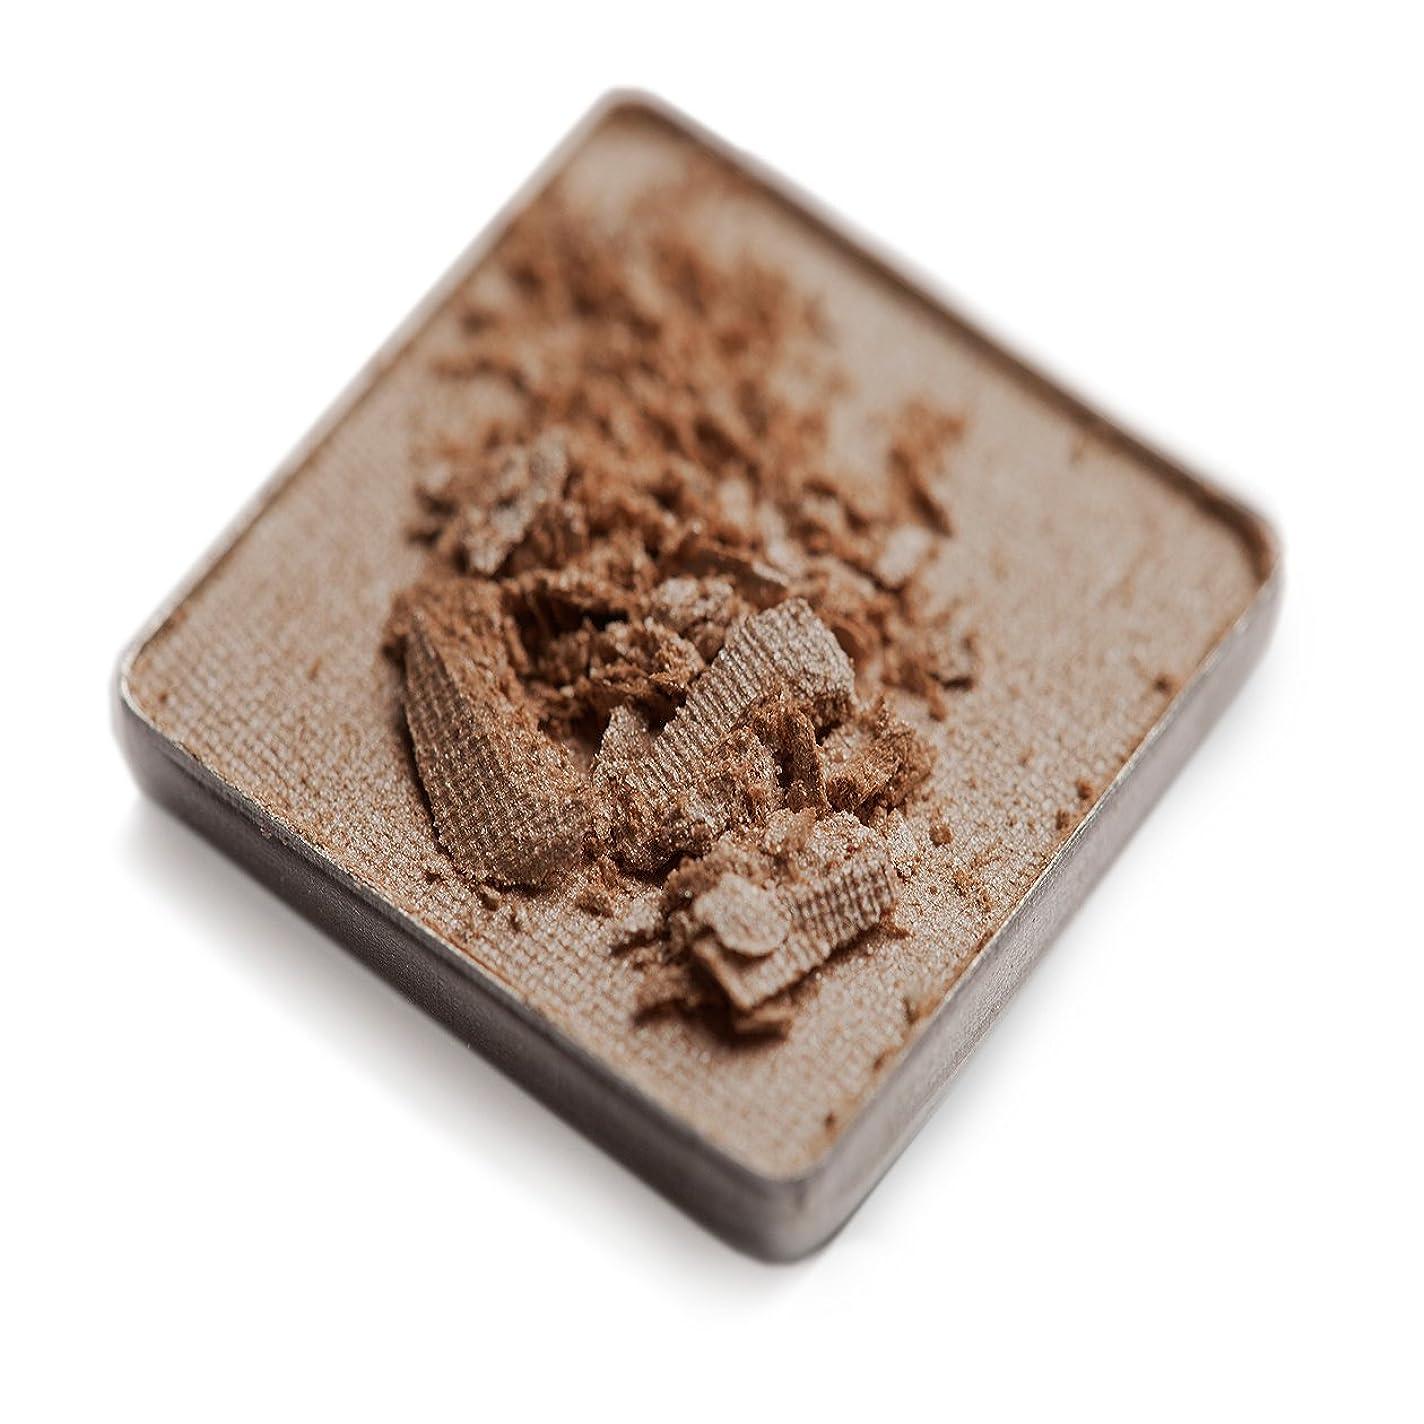 アイロニー処理する廃棄するトリッシュマッケヴォイ グレーズアイシャドー - セーブルブロンズ 0.05オンス(1.5g)